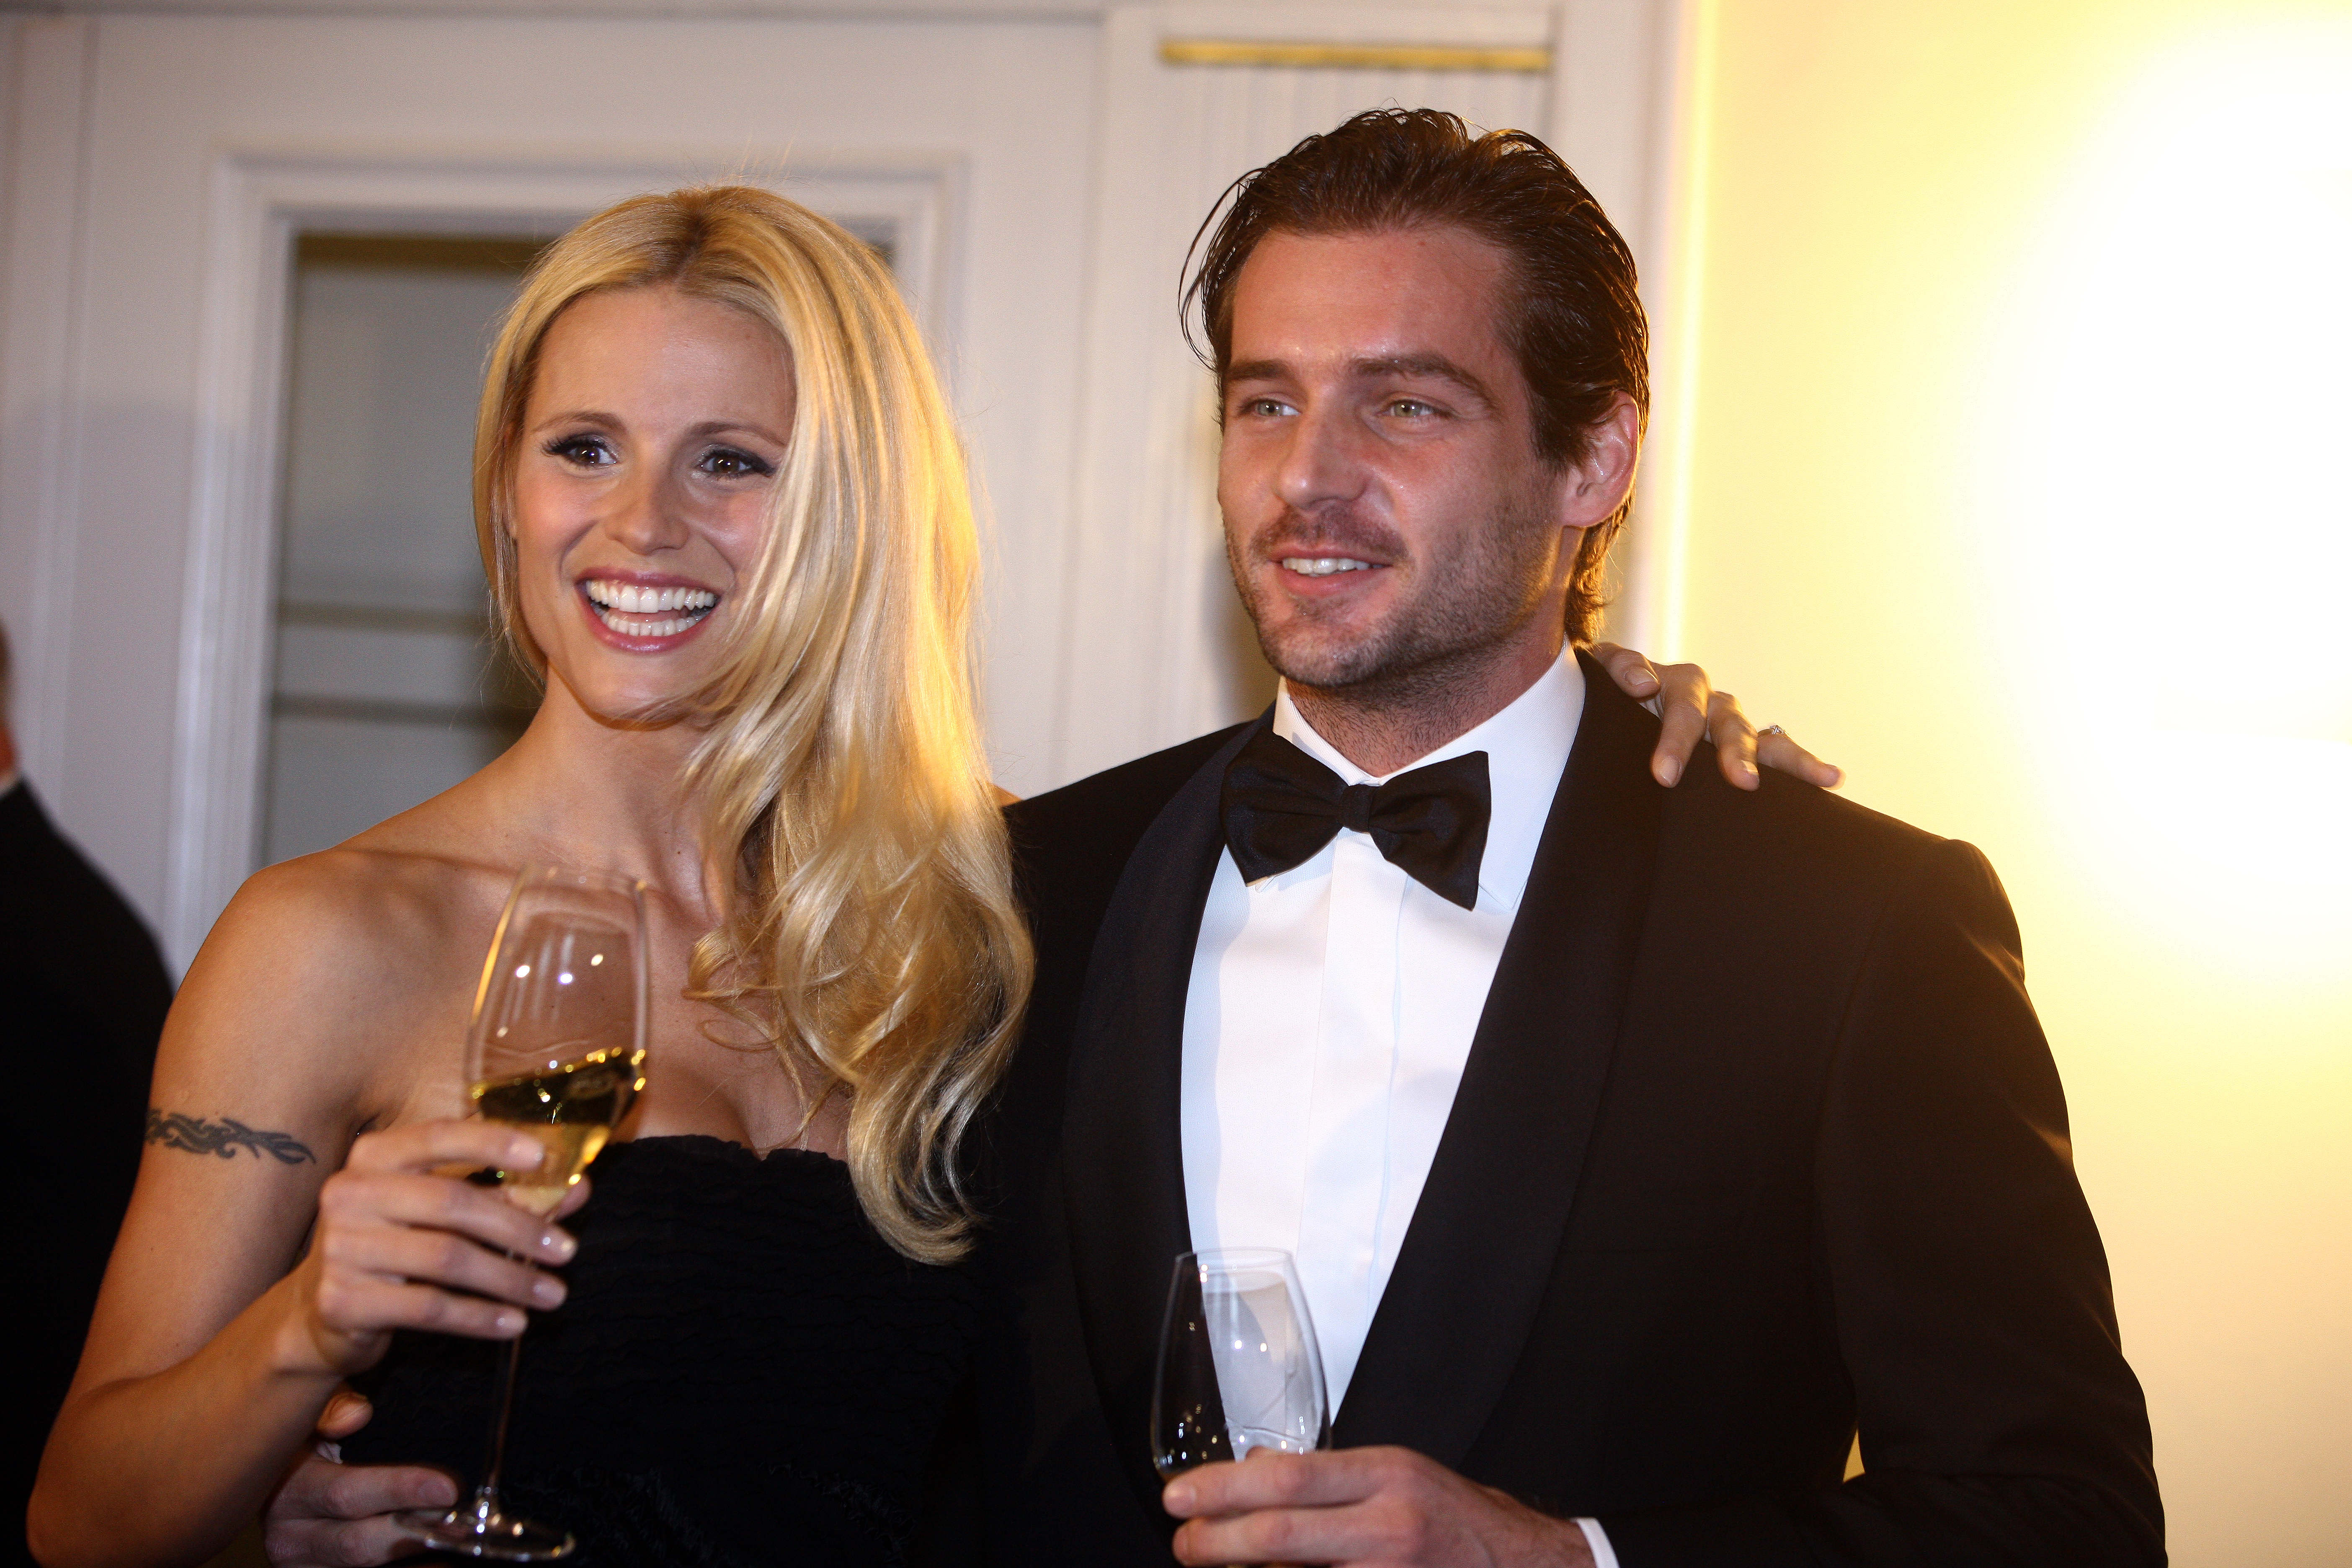 Michelle Hunziker, la donna con cui gli italiani tradirebbero la moglie